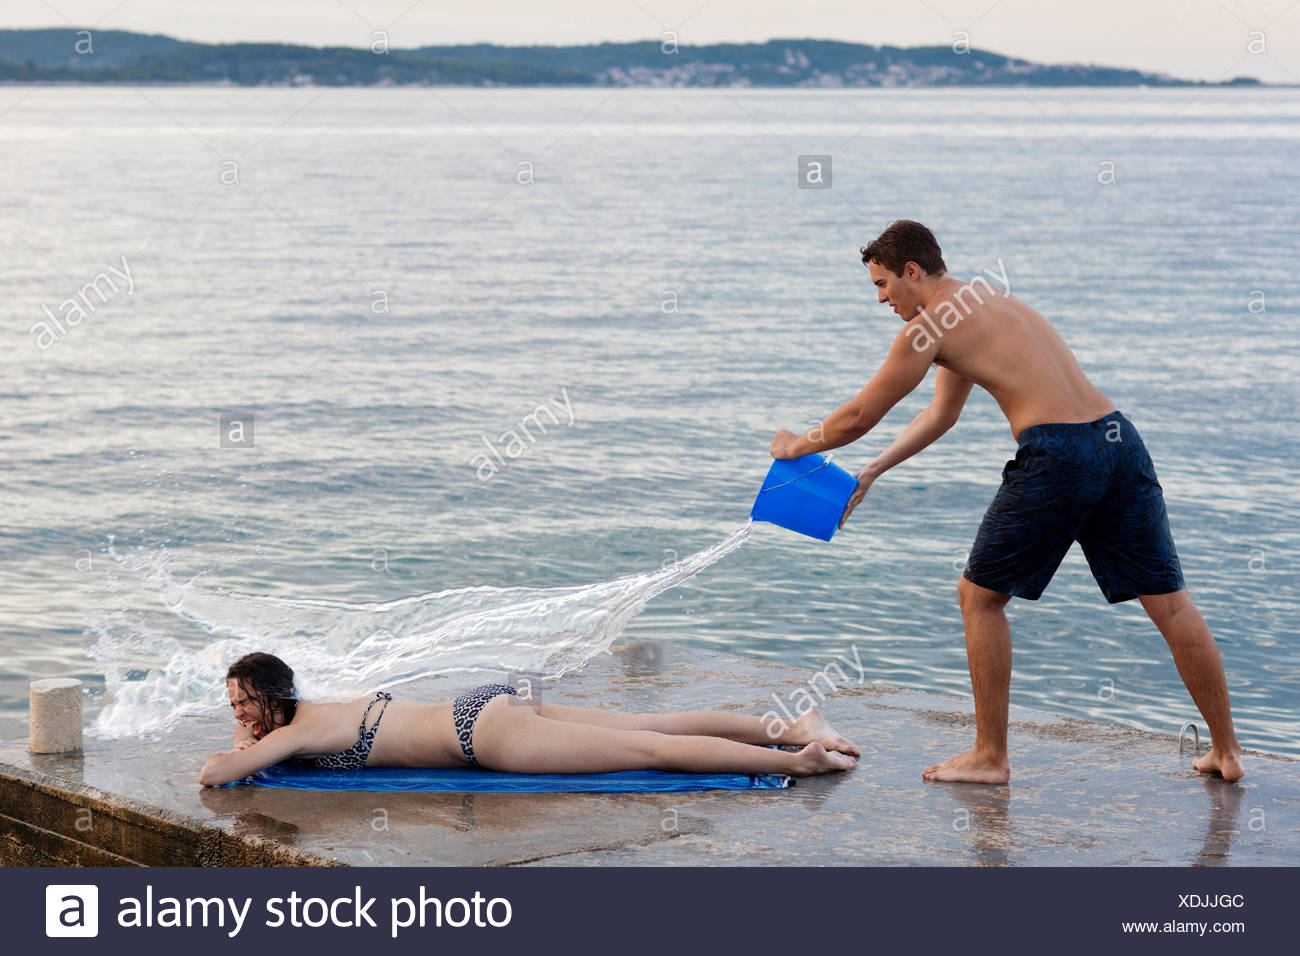 Young man throwing bucket of water over female sunbather, Orebic, Croatia Stock Photo